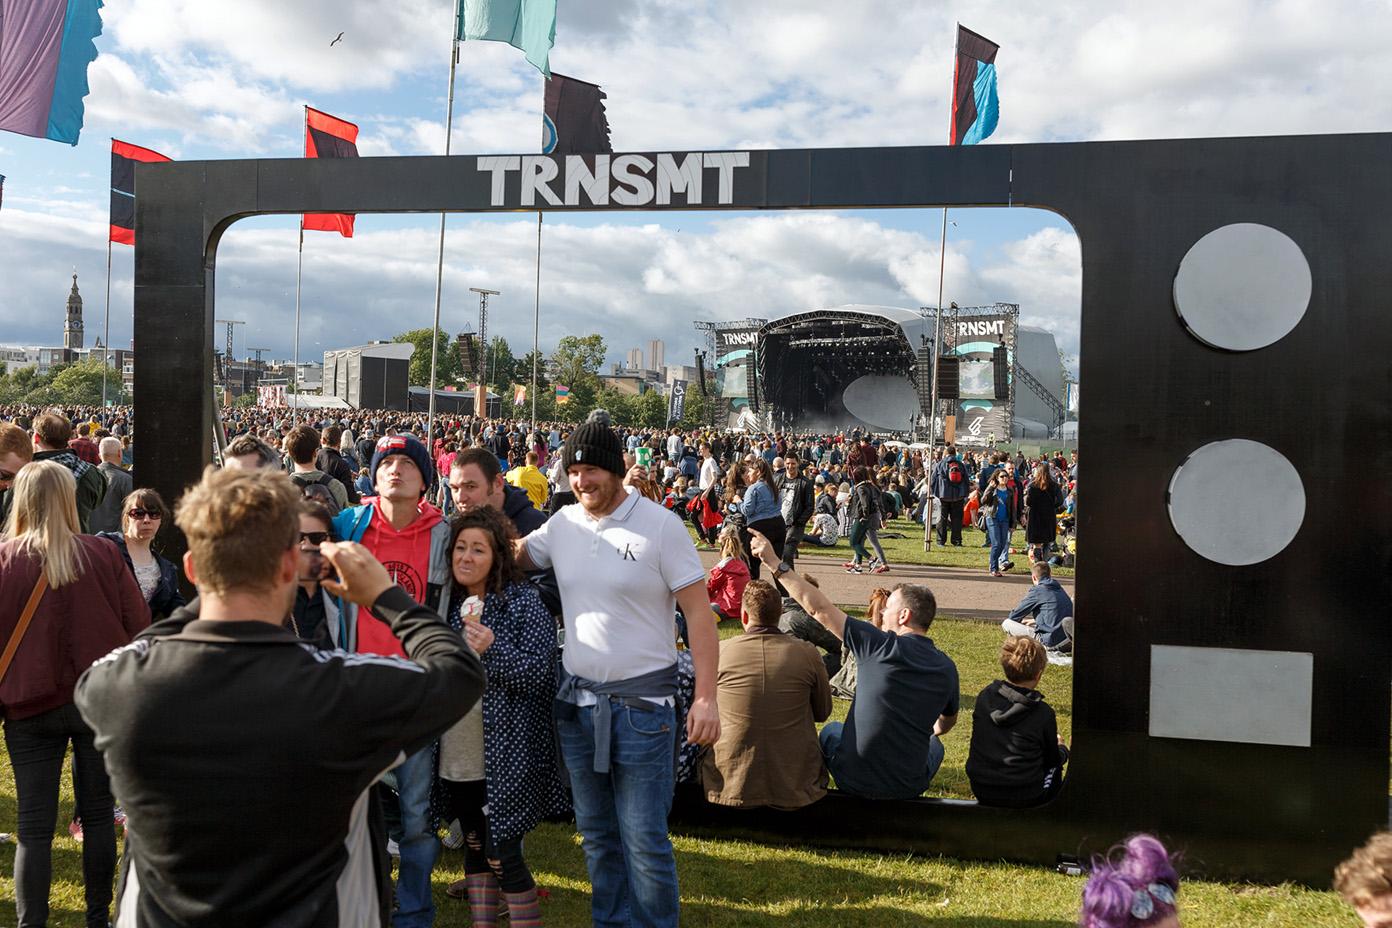 TRNSMT Festival 2017